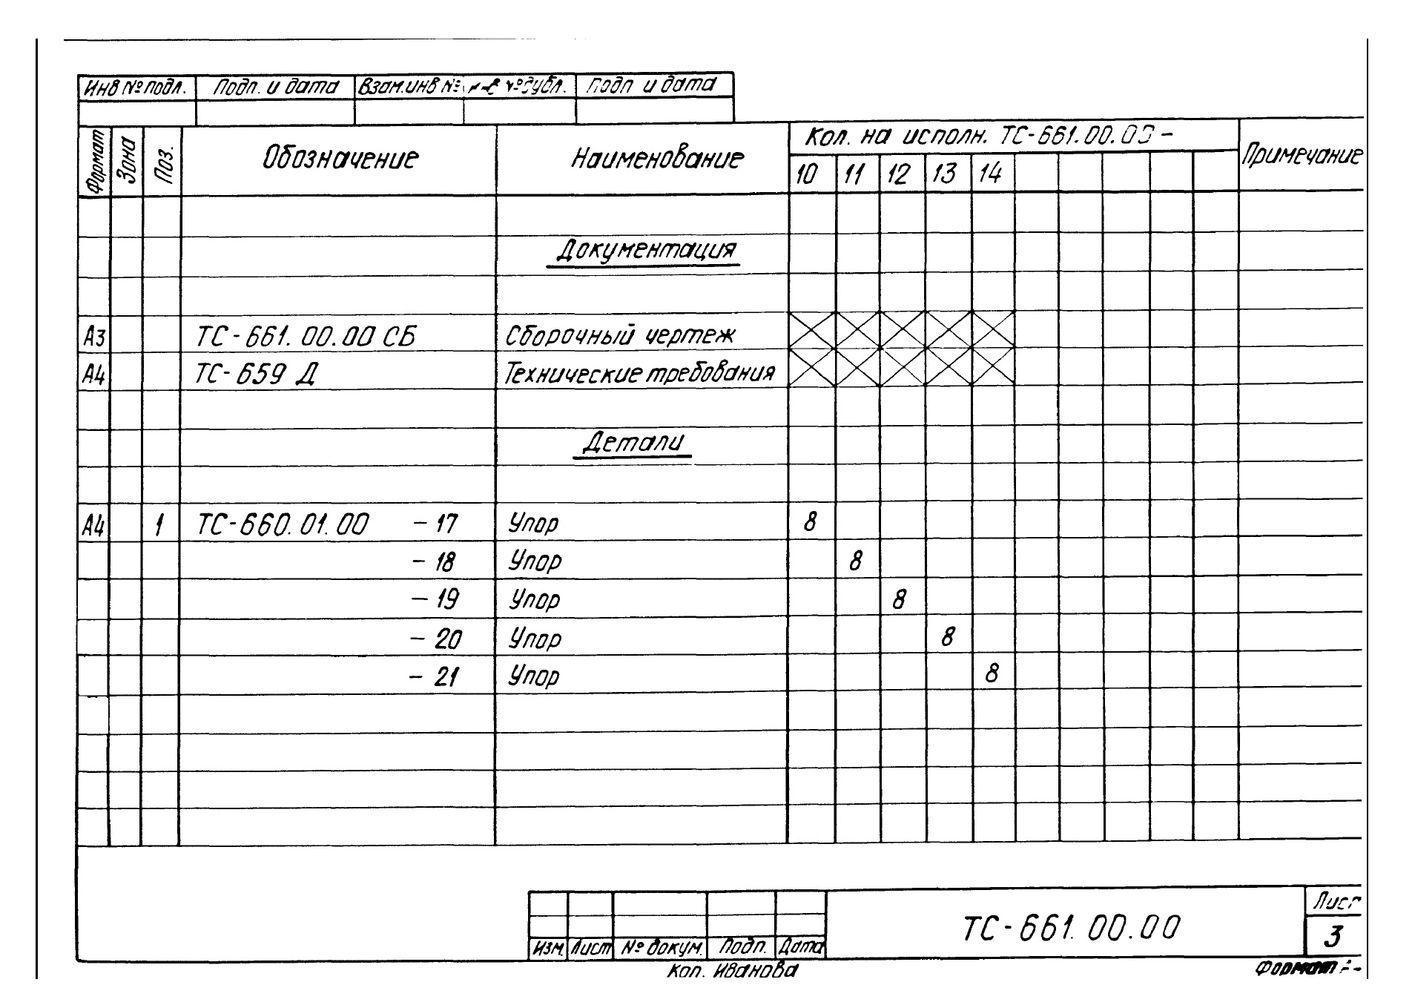 Опора неподвижная четырехупорная ТС-661.00.00 серия 5.903-13 выпуск 7-95 стр.5